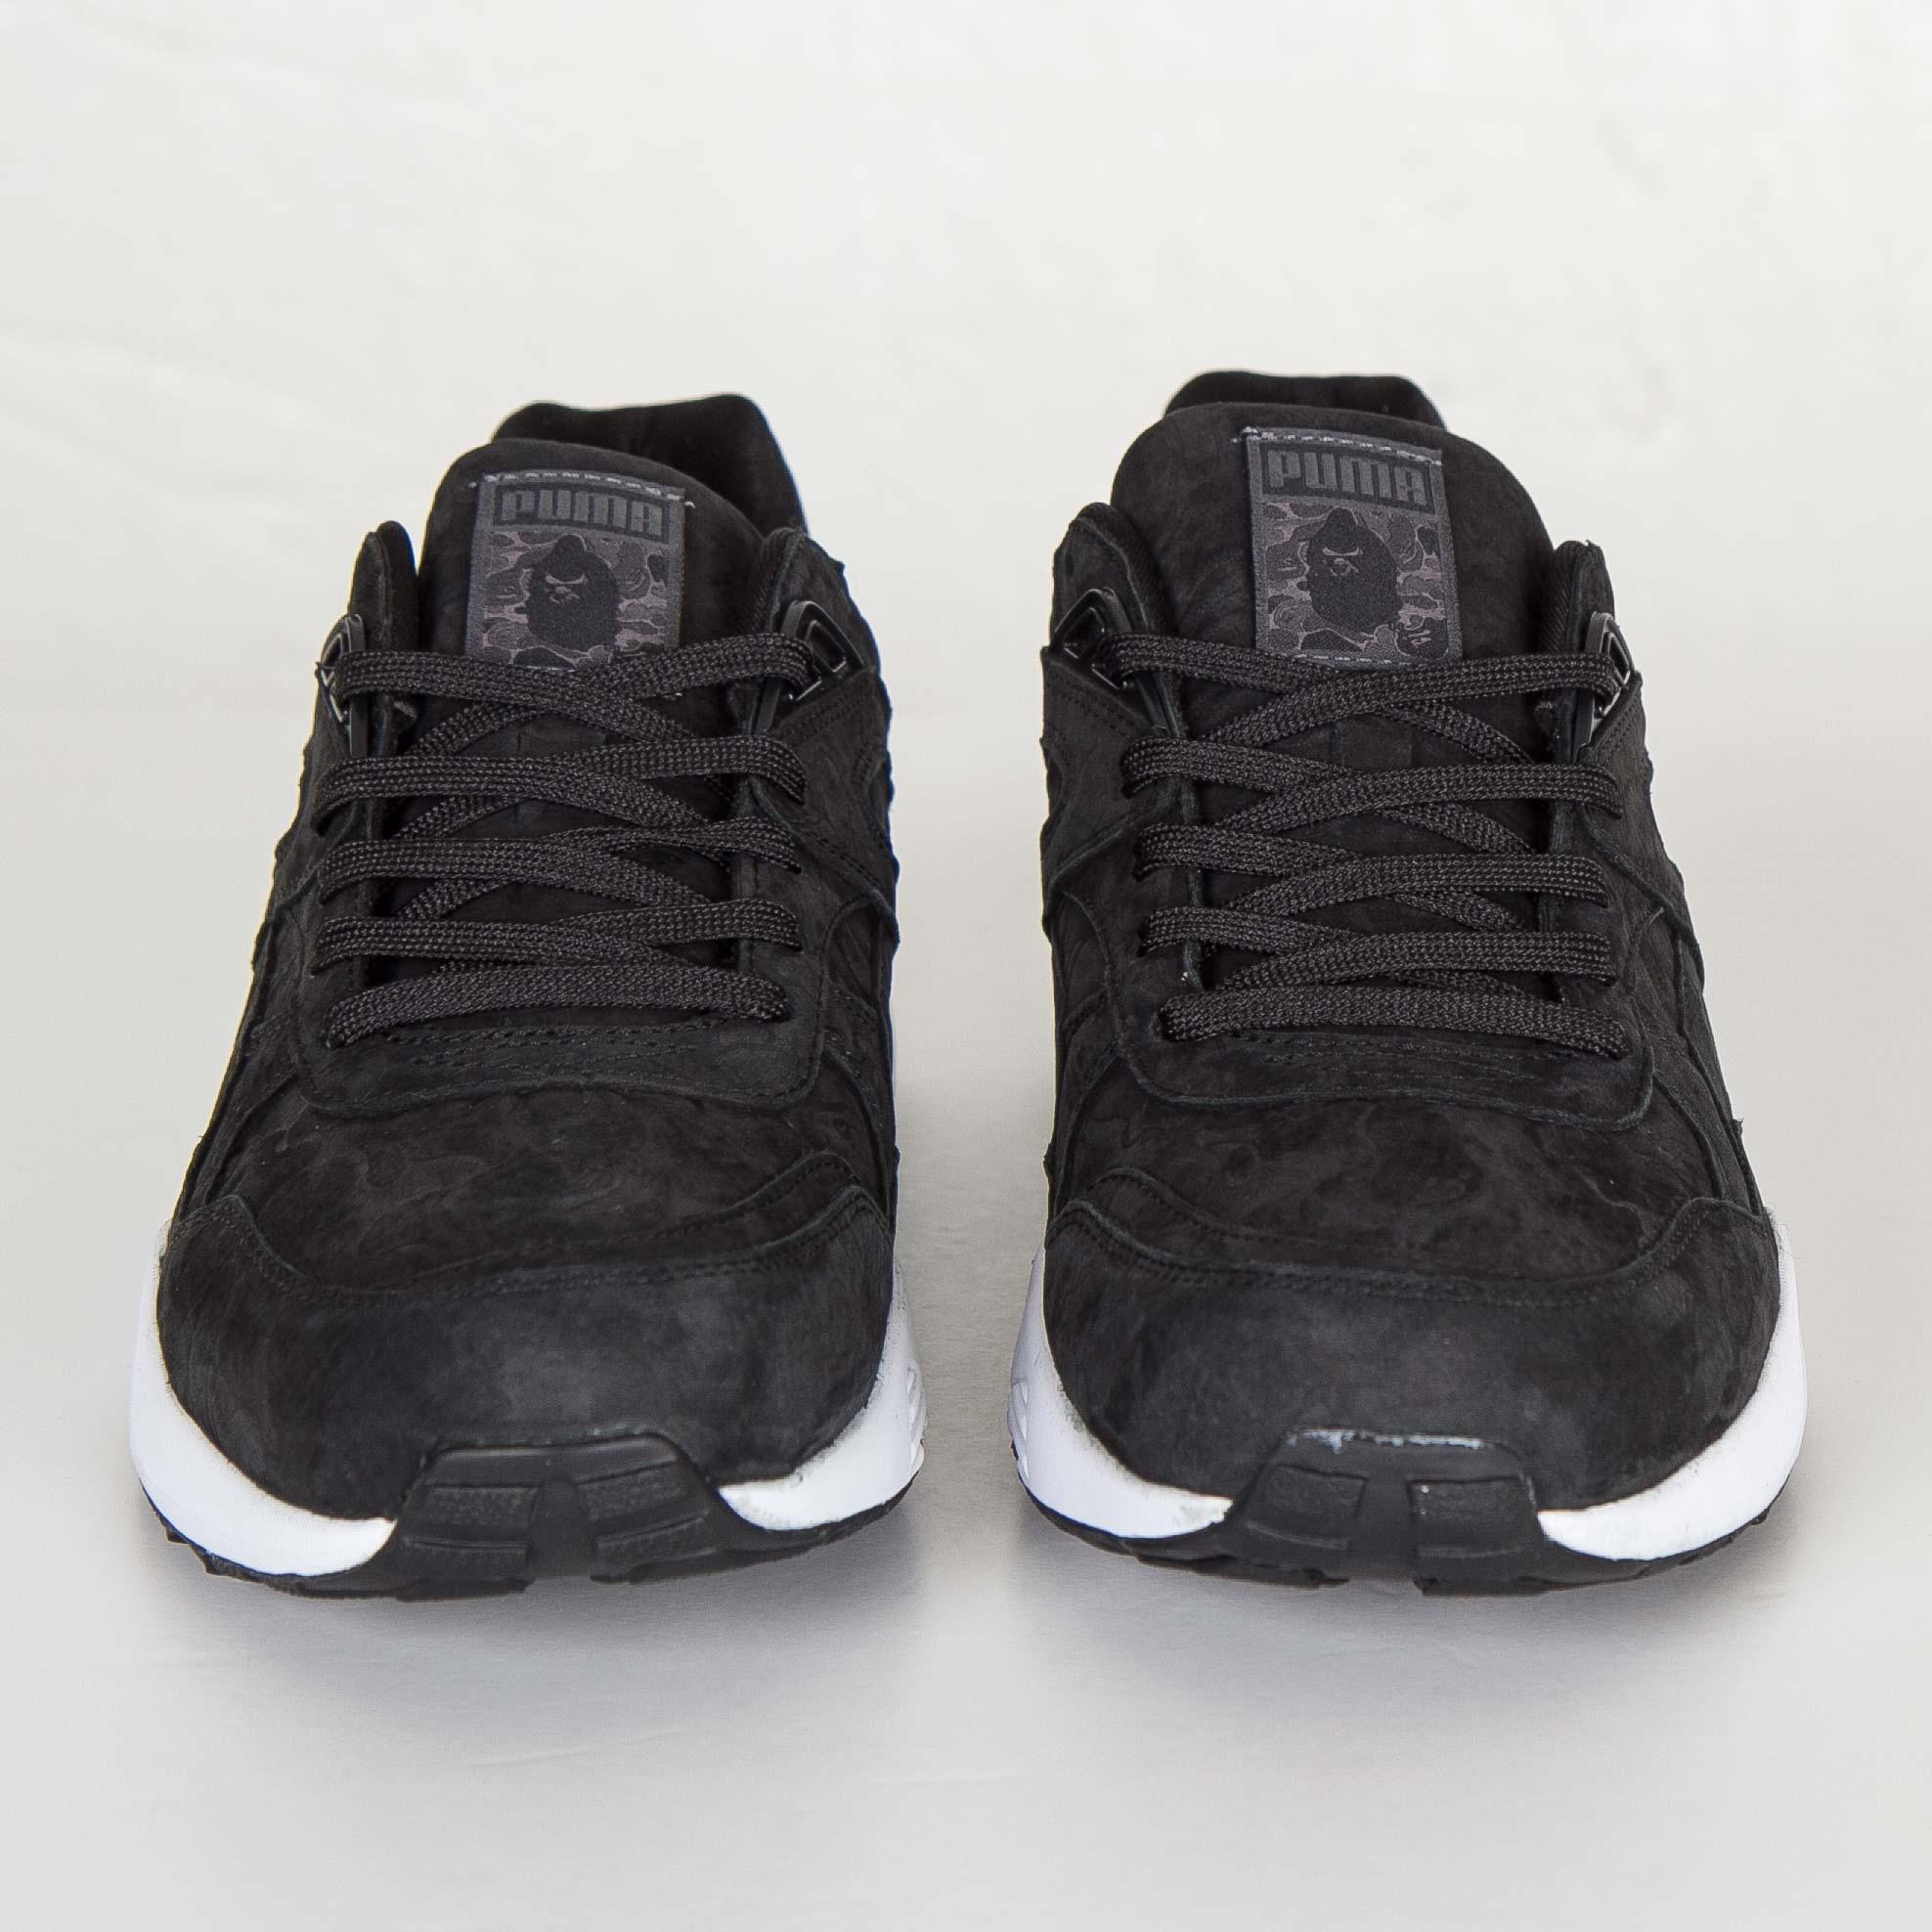 9513558f00c Puma R698 x BAPE - 358845-01 - Sneakersnstuff